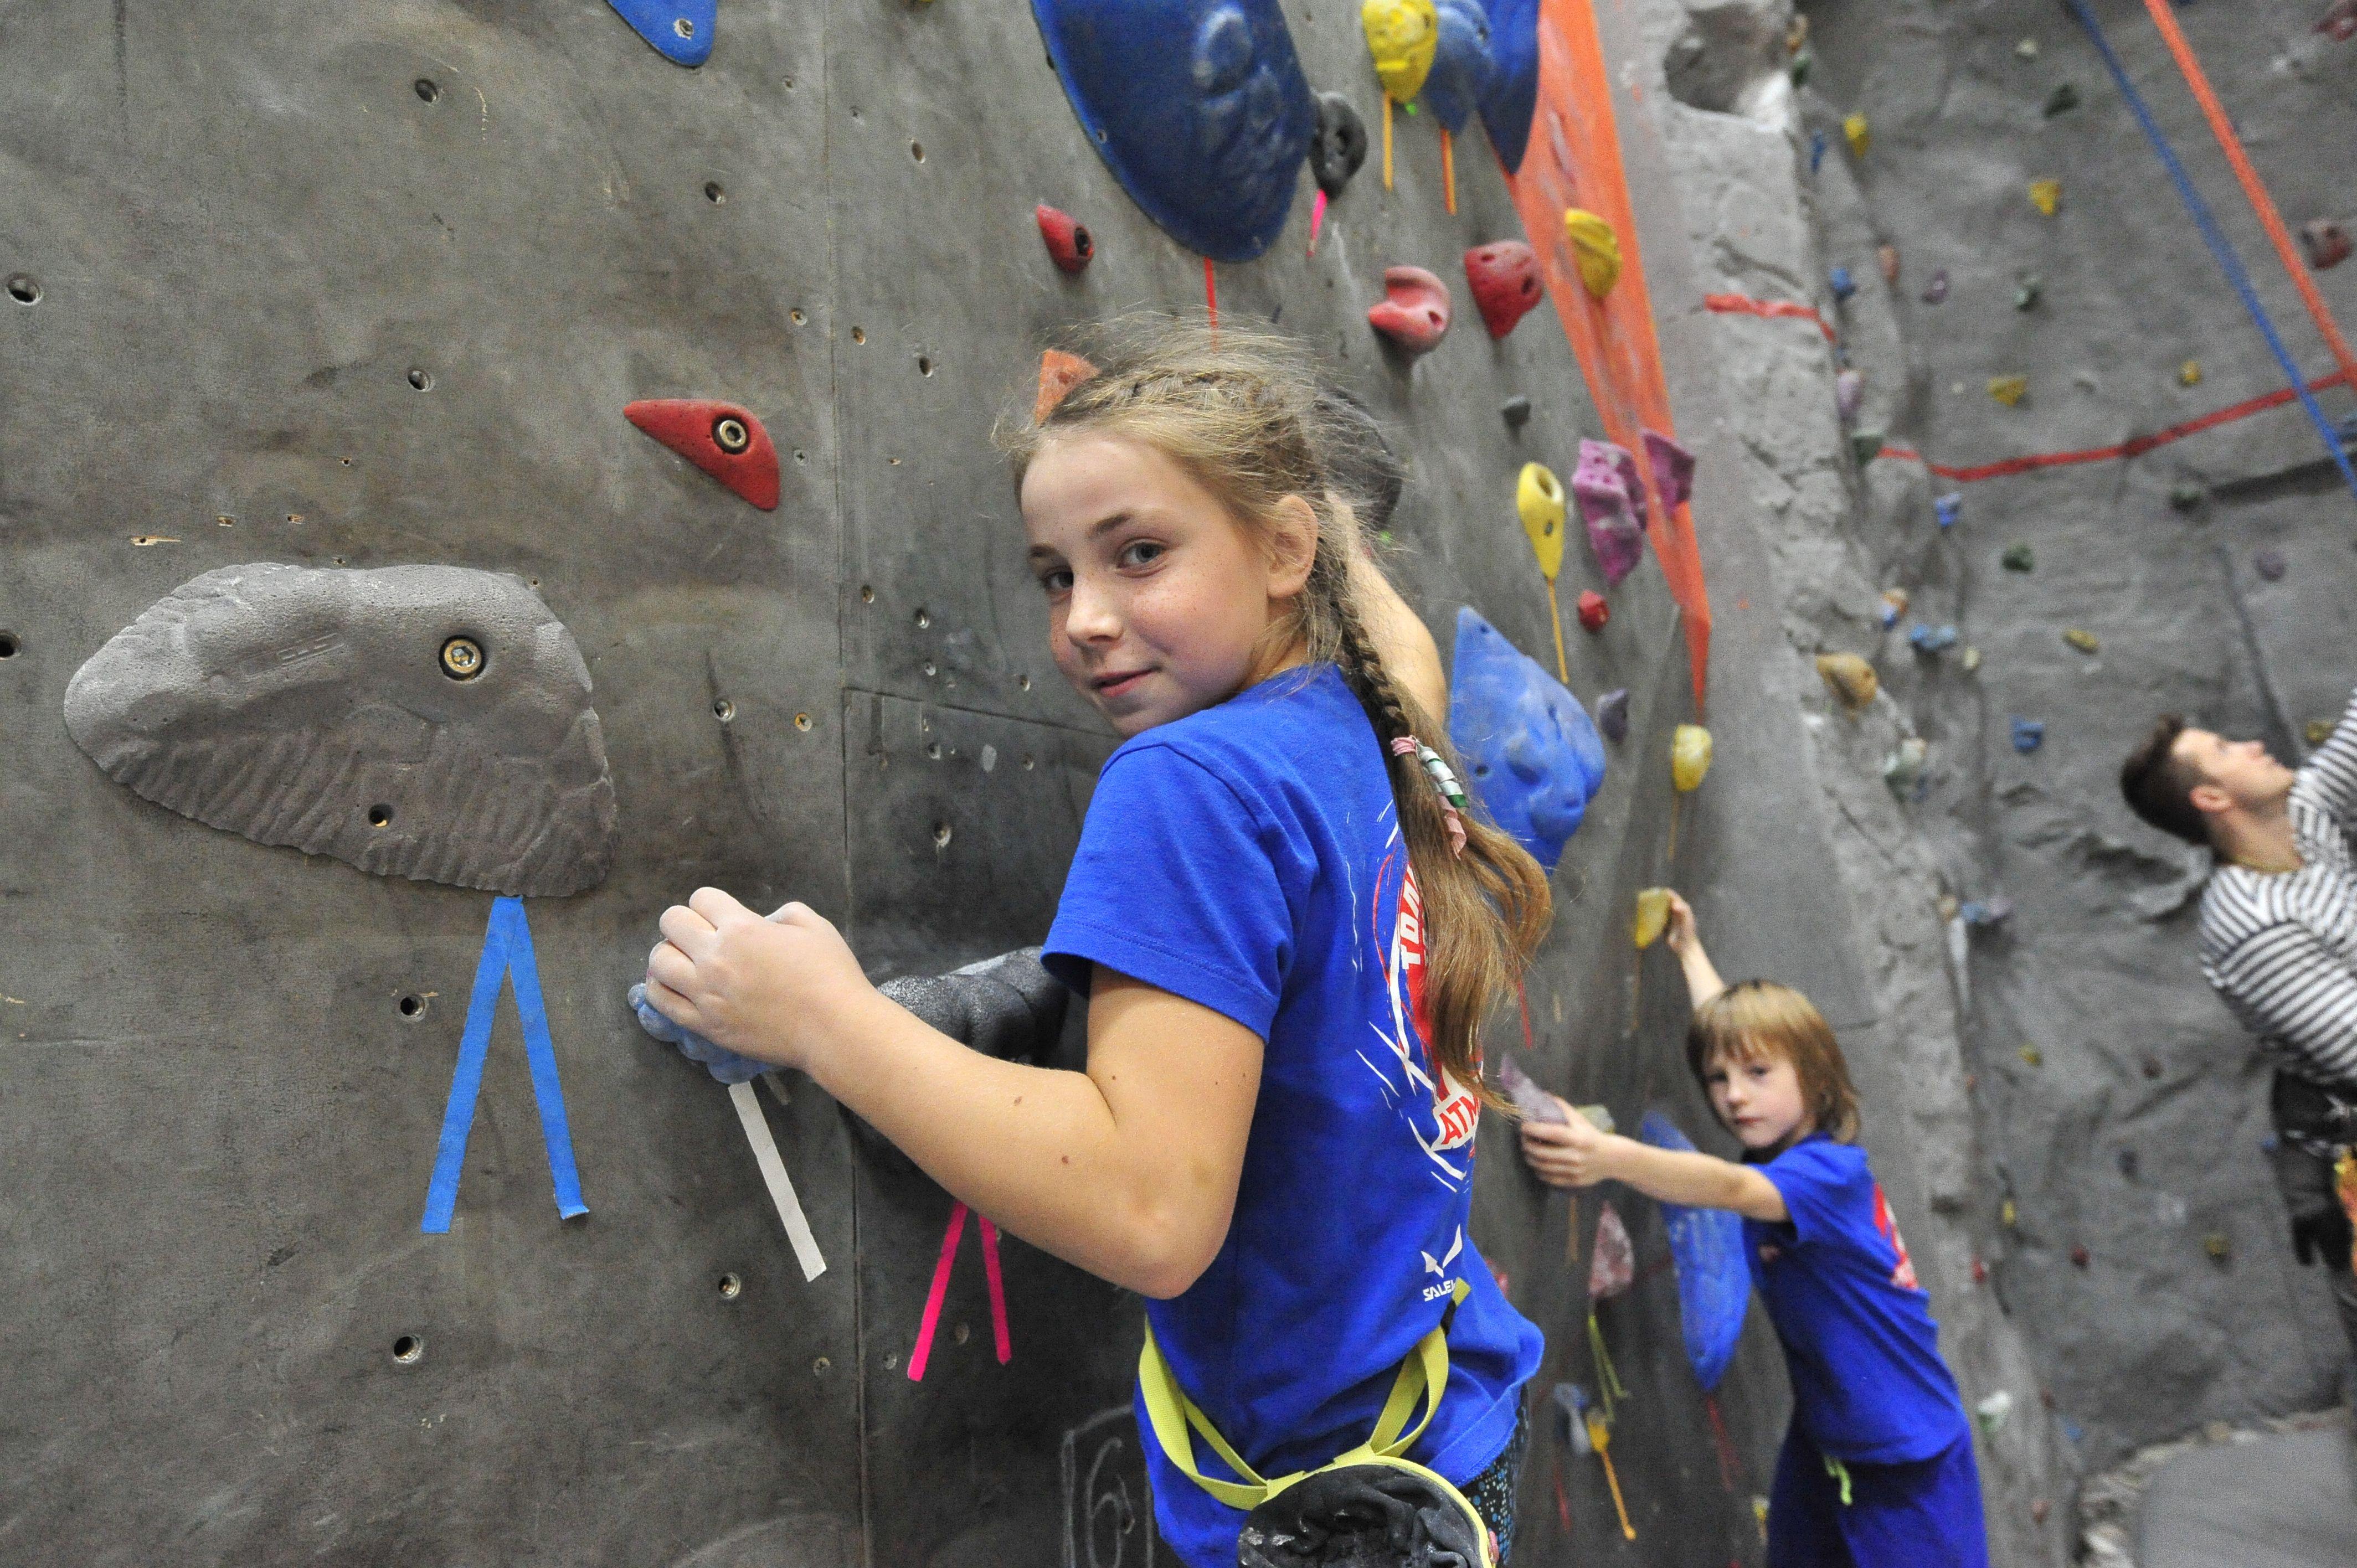 Соревнования по скалолазанию состоятся в Троицке